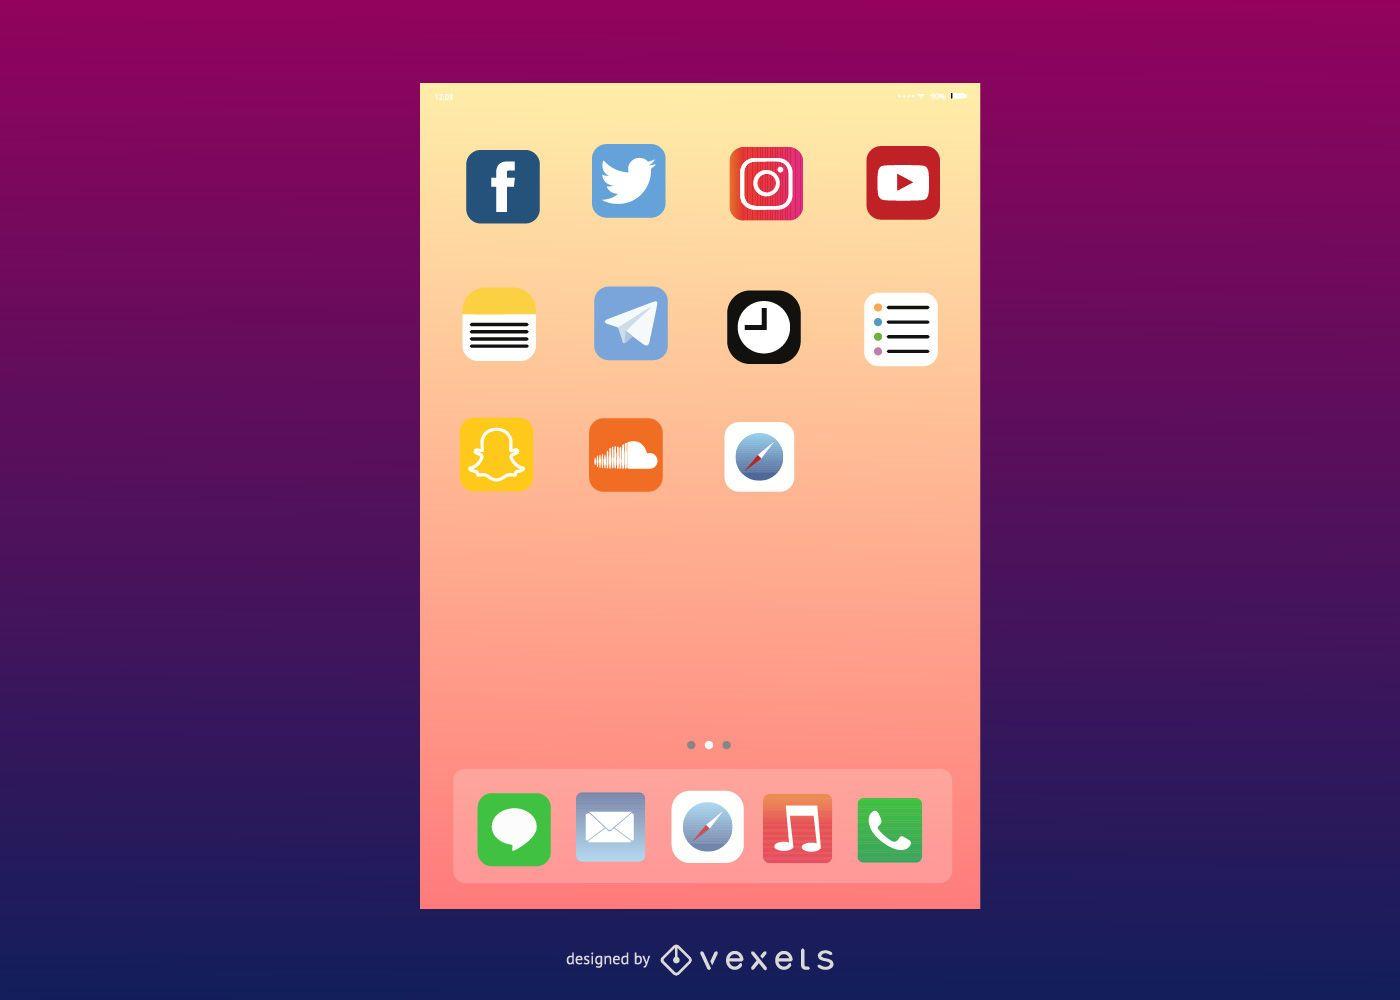 Vector User Interface of IOS7